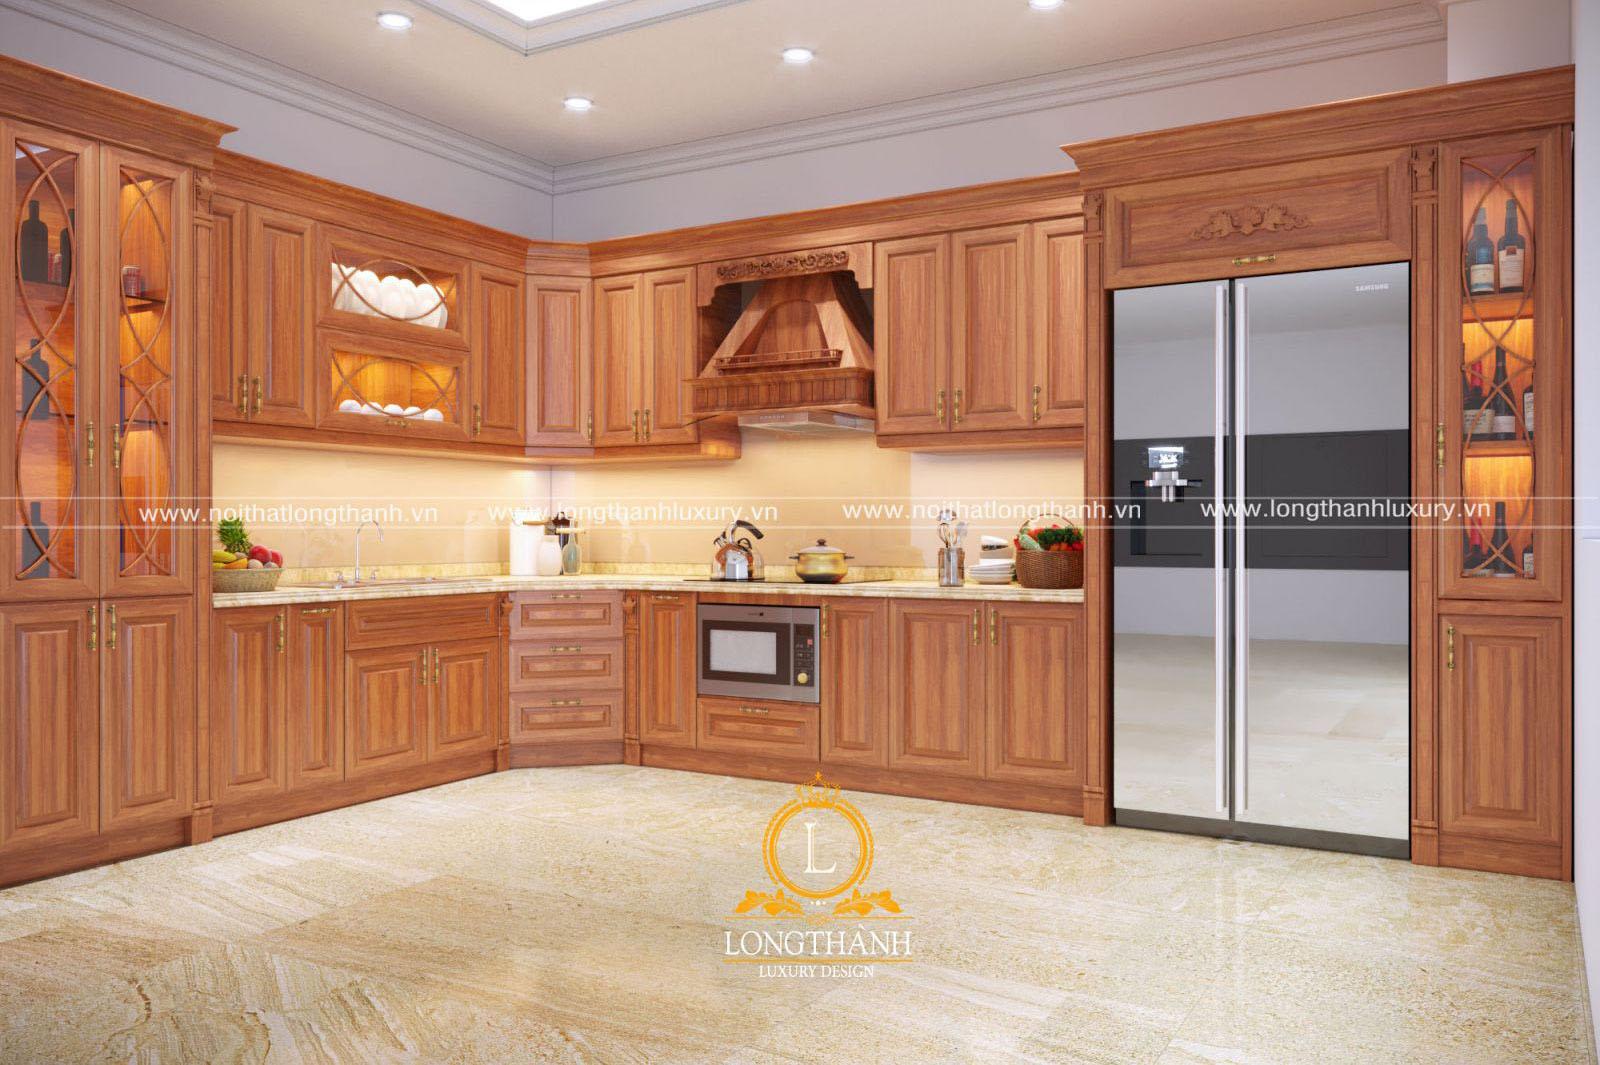 Tủ bếp gỗ Sồi Mỹ đẹp LT39 góc nhìn thứ 1